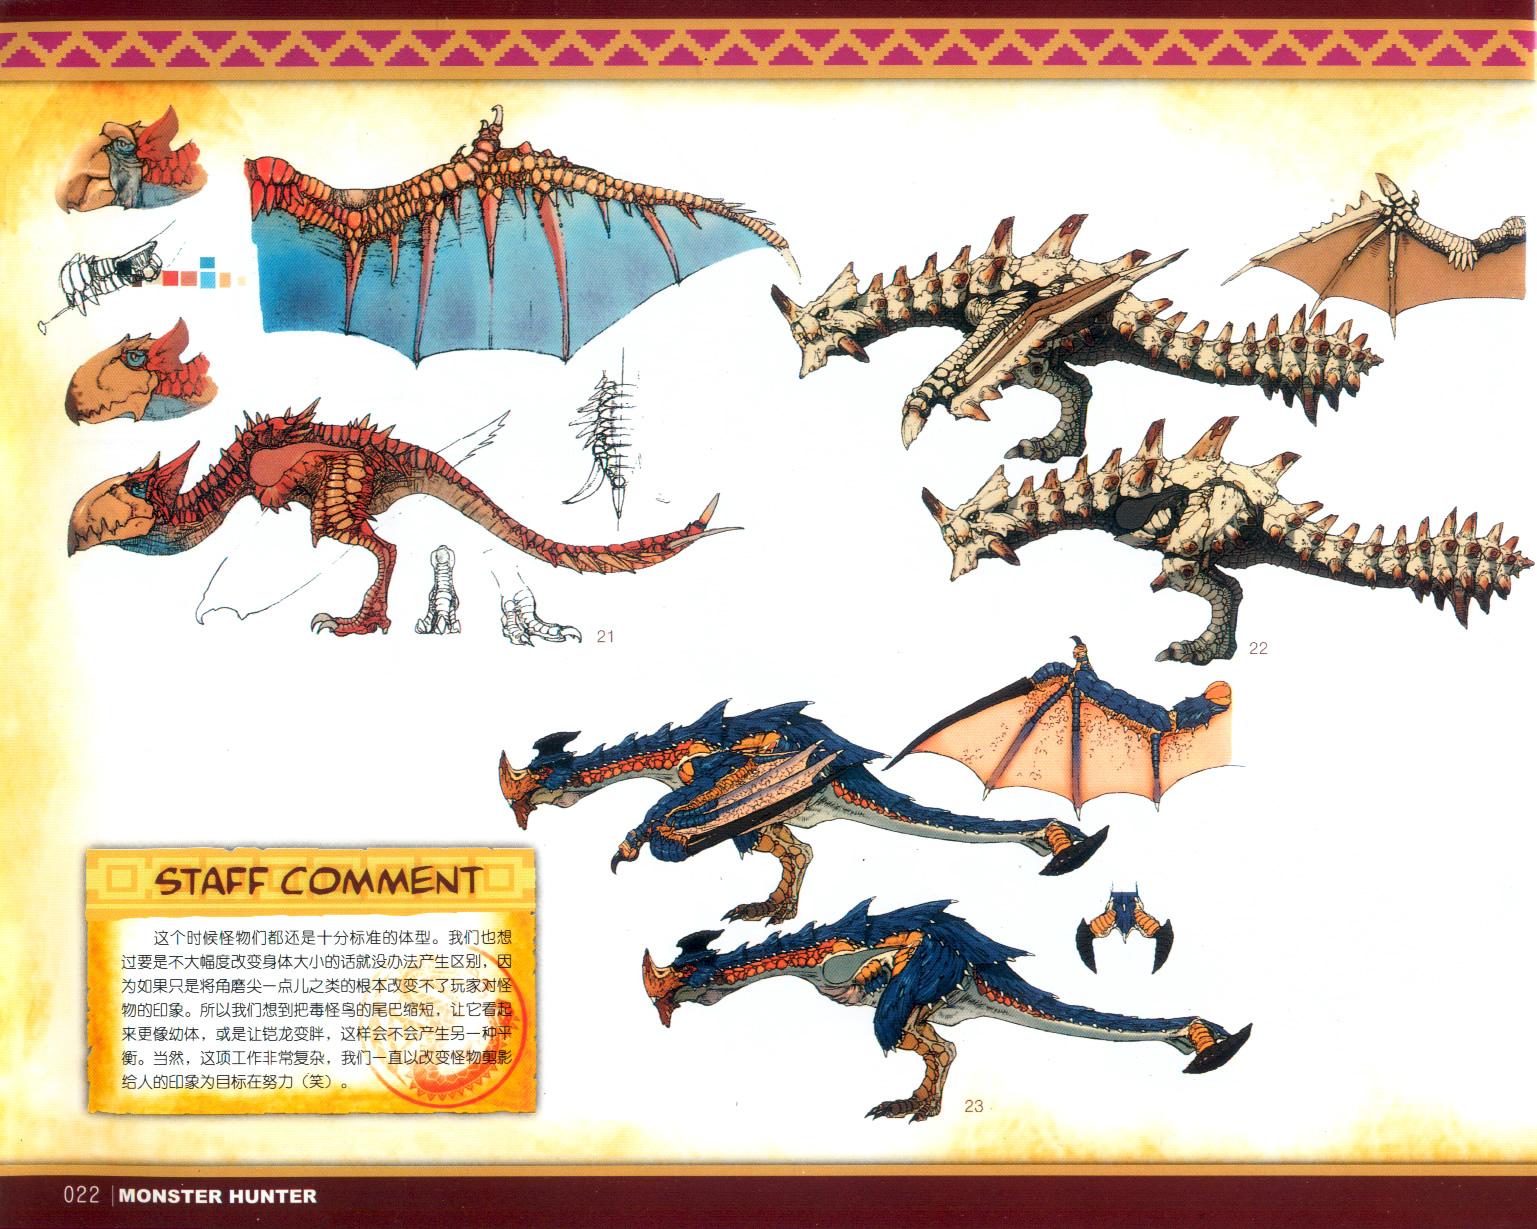 022_关注-游艺网GAME798海量资源下载怪物猎人终极画集.jpg